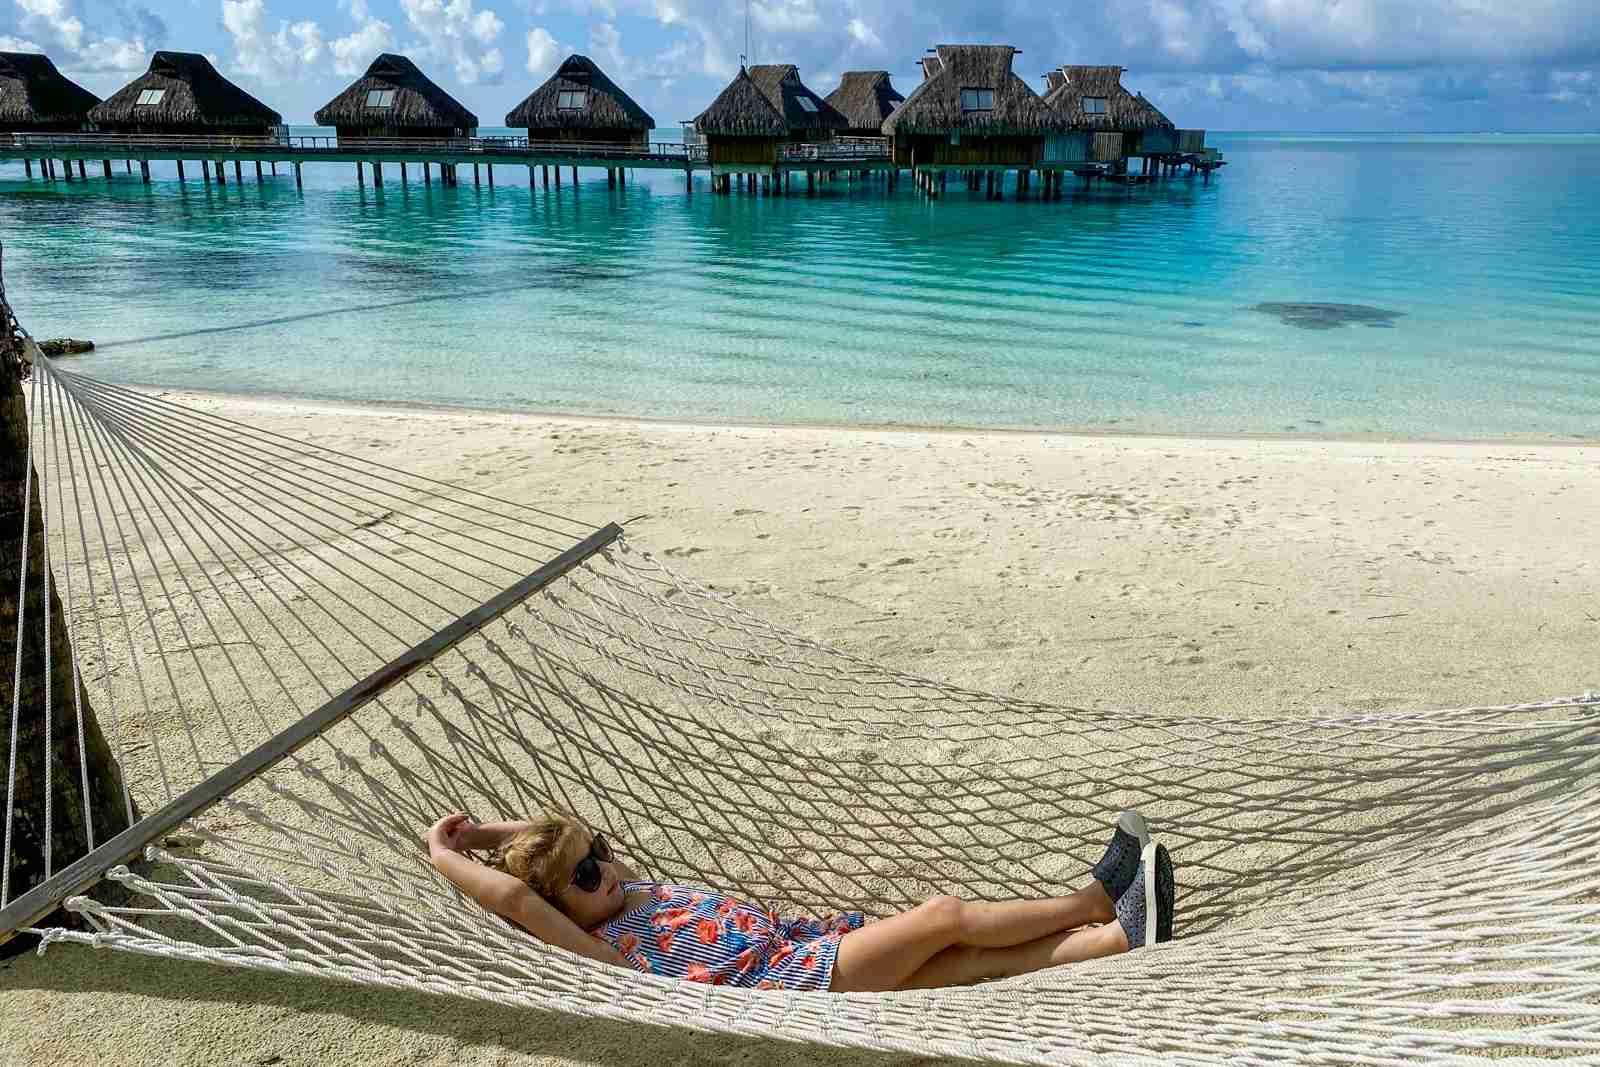 Conrad Bora Bora (Photo by Summer Hull/The Points Guy)